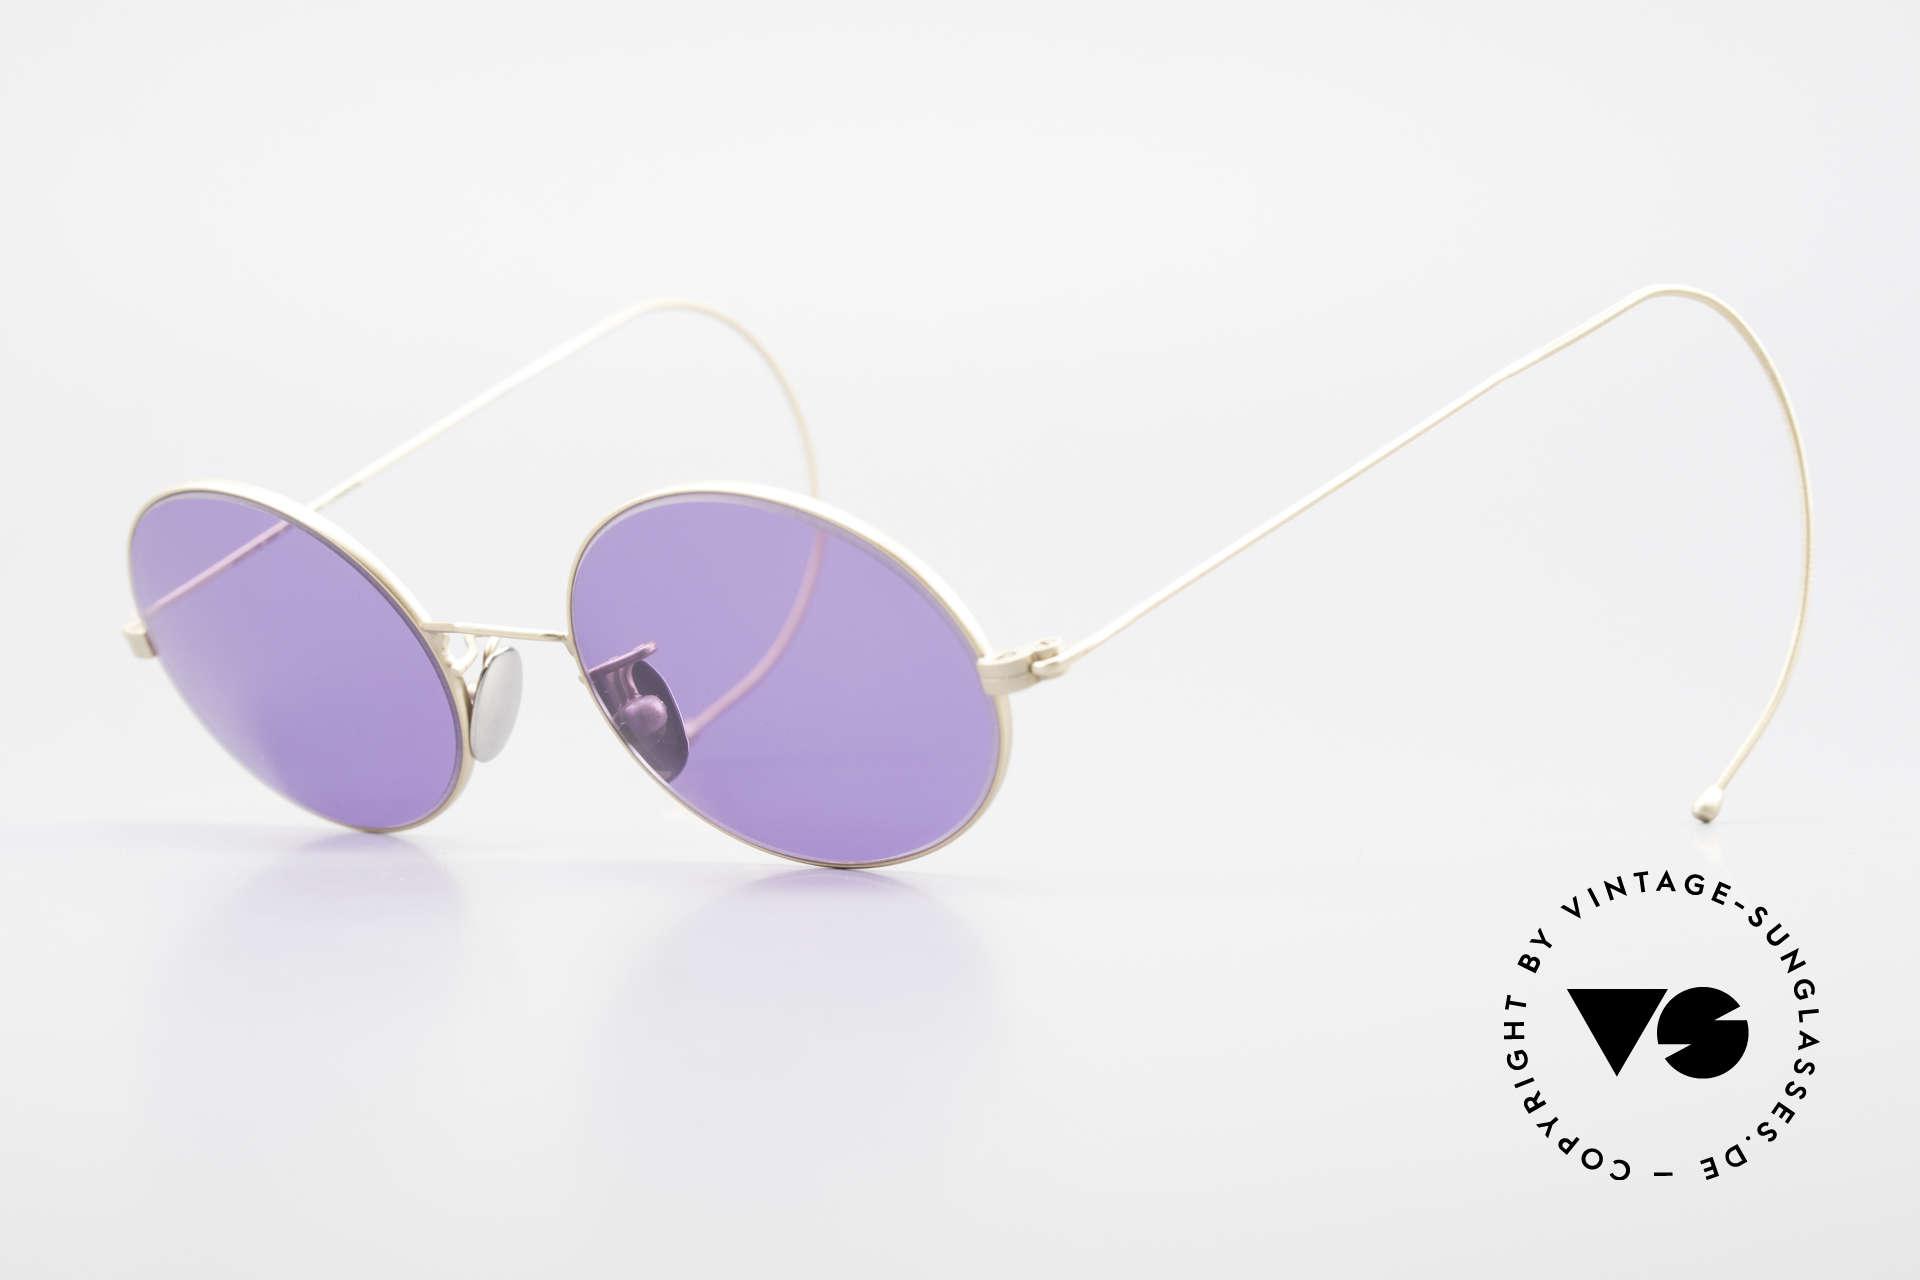 Cutler And Gross 0410 Ovale Sportbügel Sonnenbrille, Cutler & Gross London Designerbrille der späten 90er, Passend für Herren und Damen